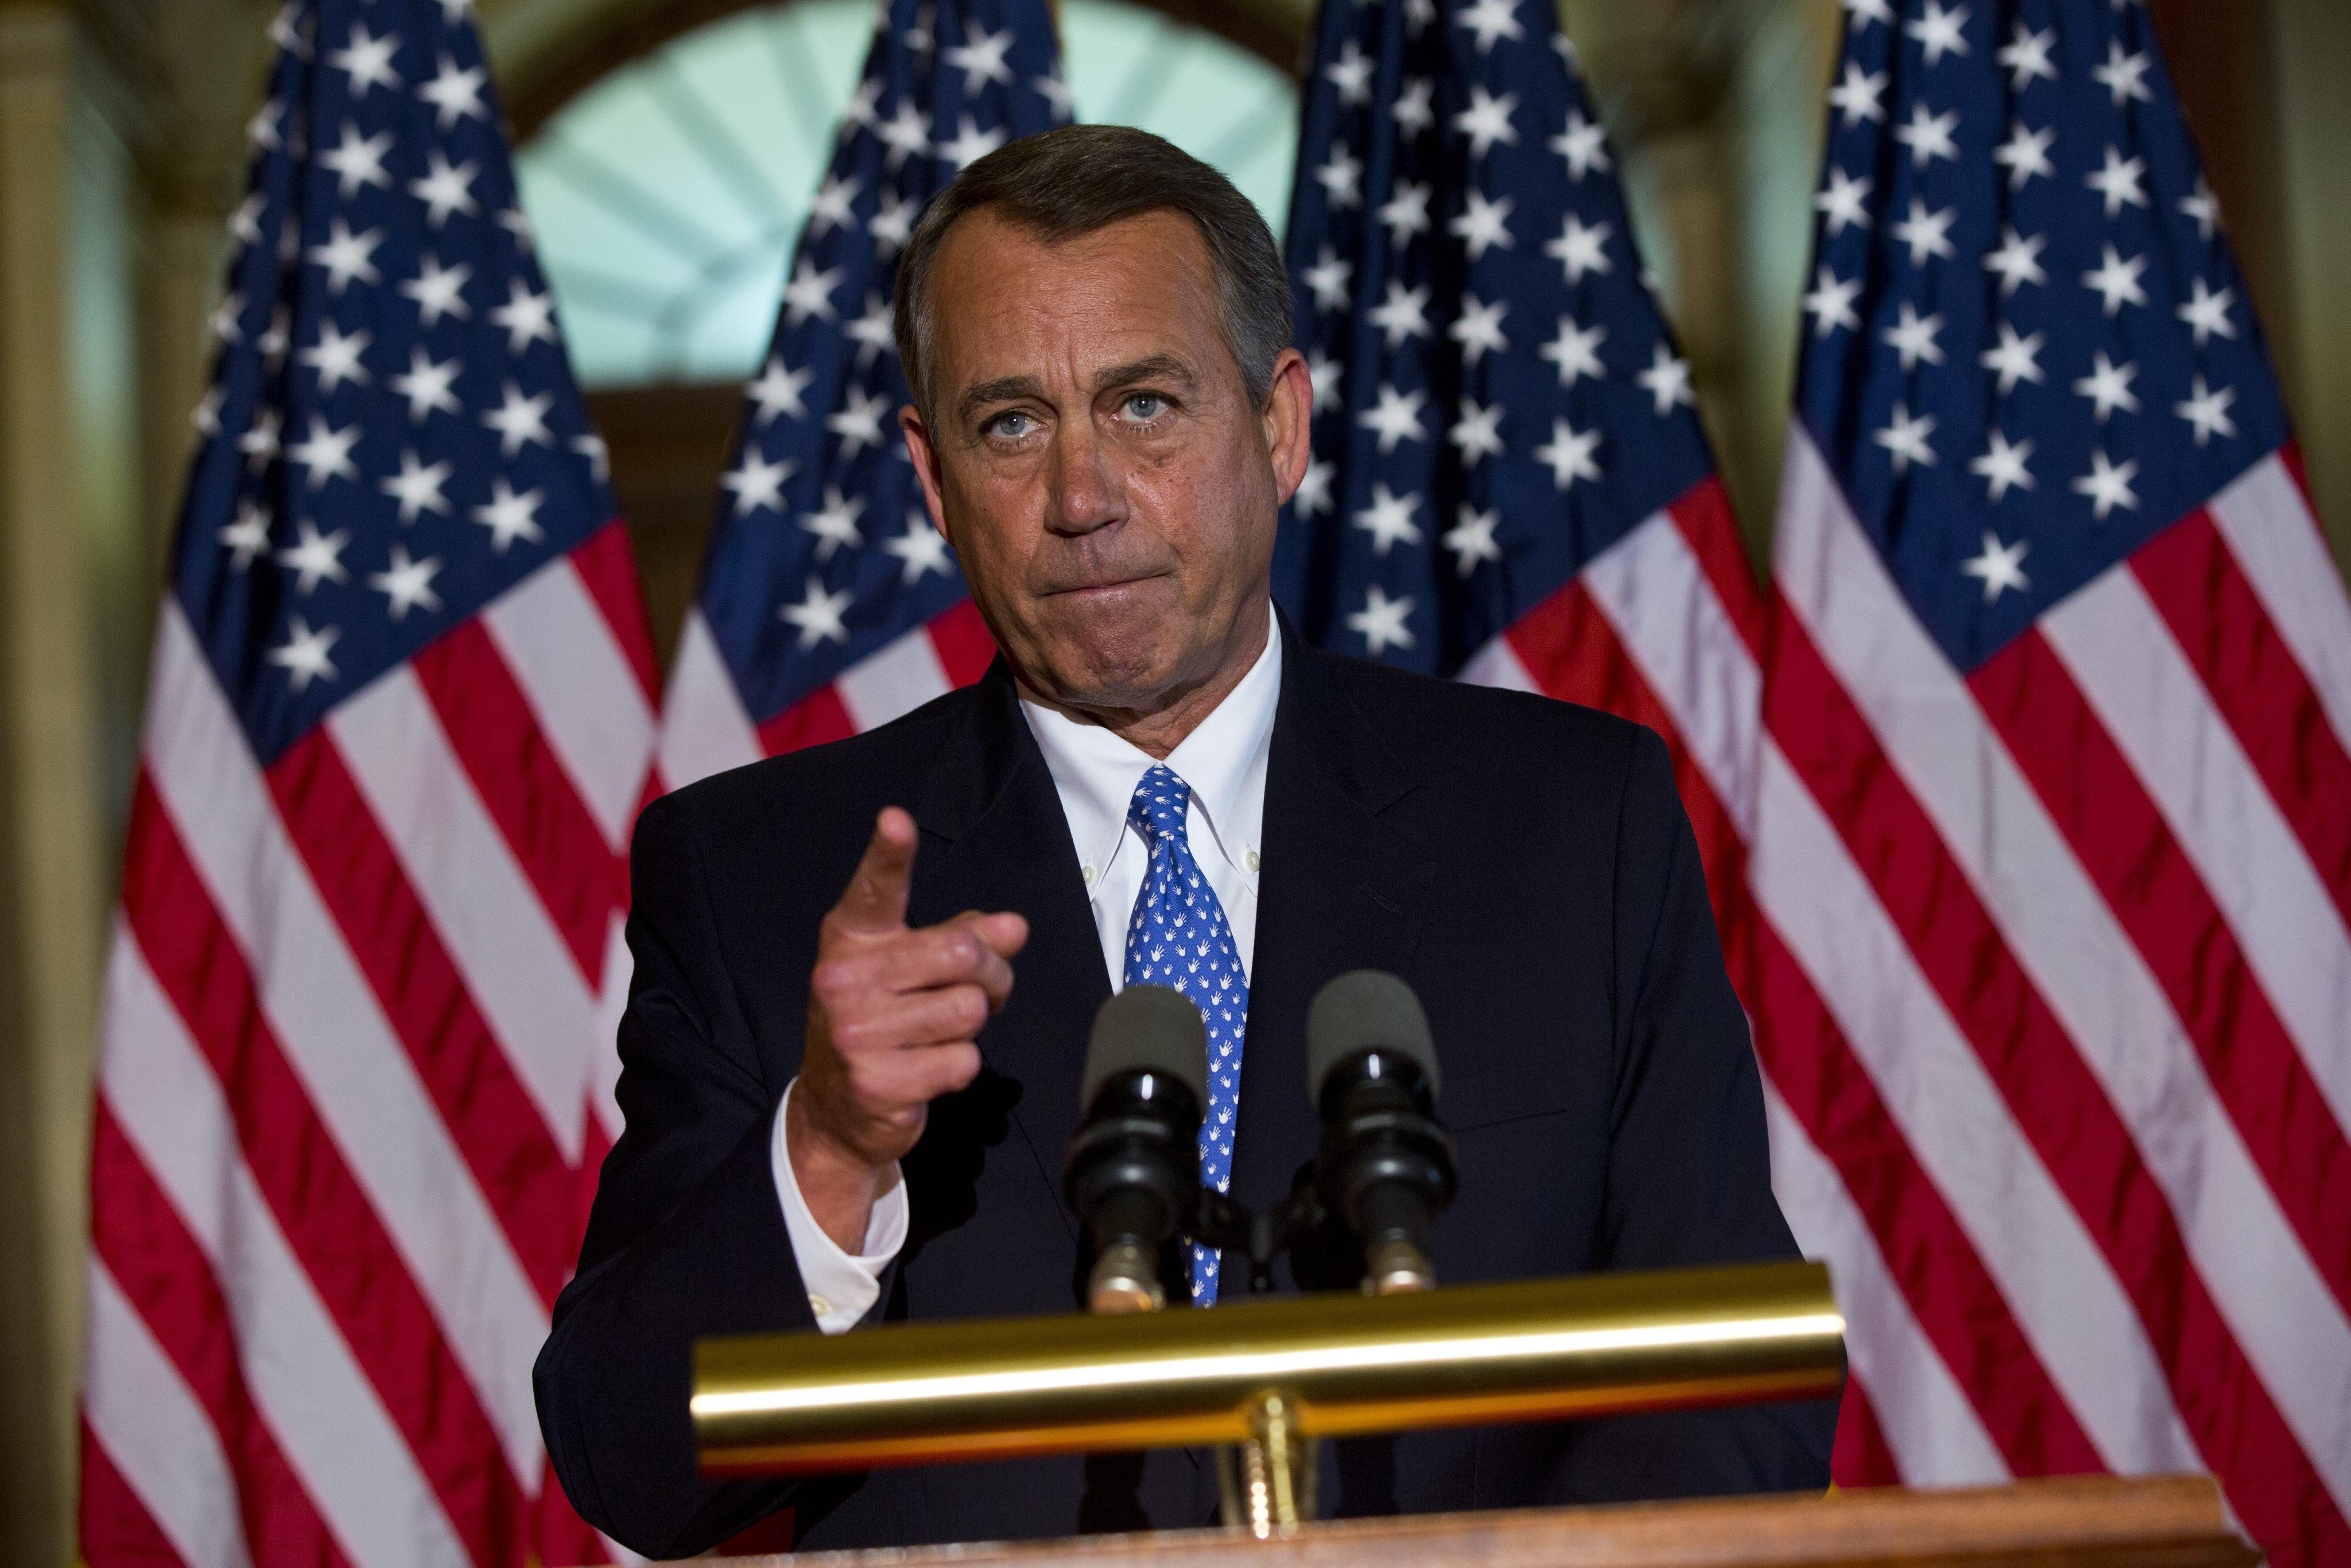 El Comité Nacional Republicano recauda 18 millones más que los demócratas en 2013